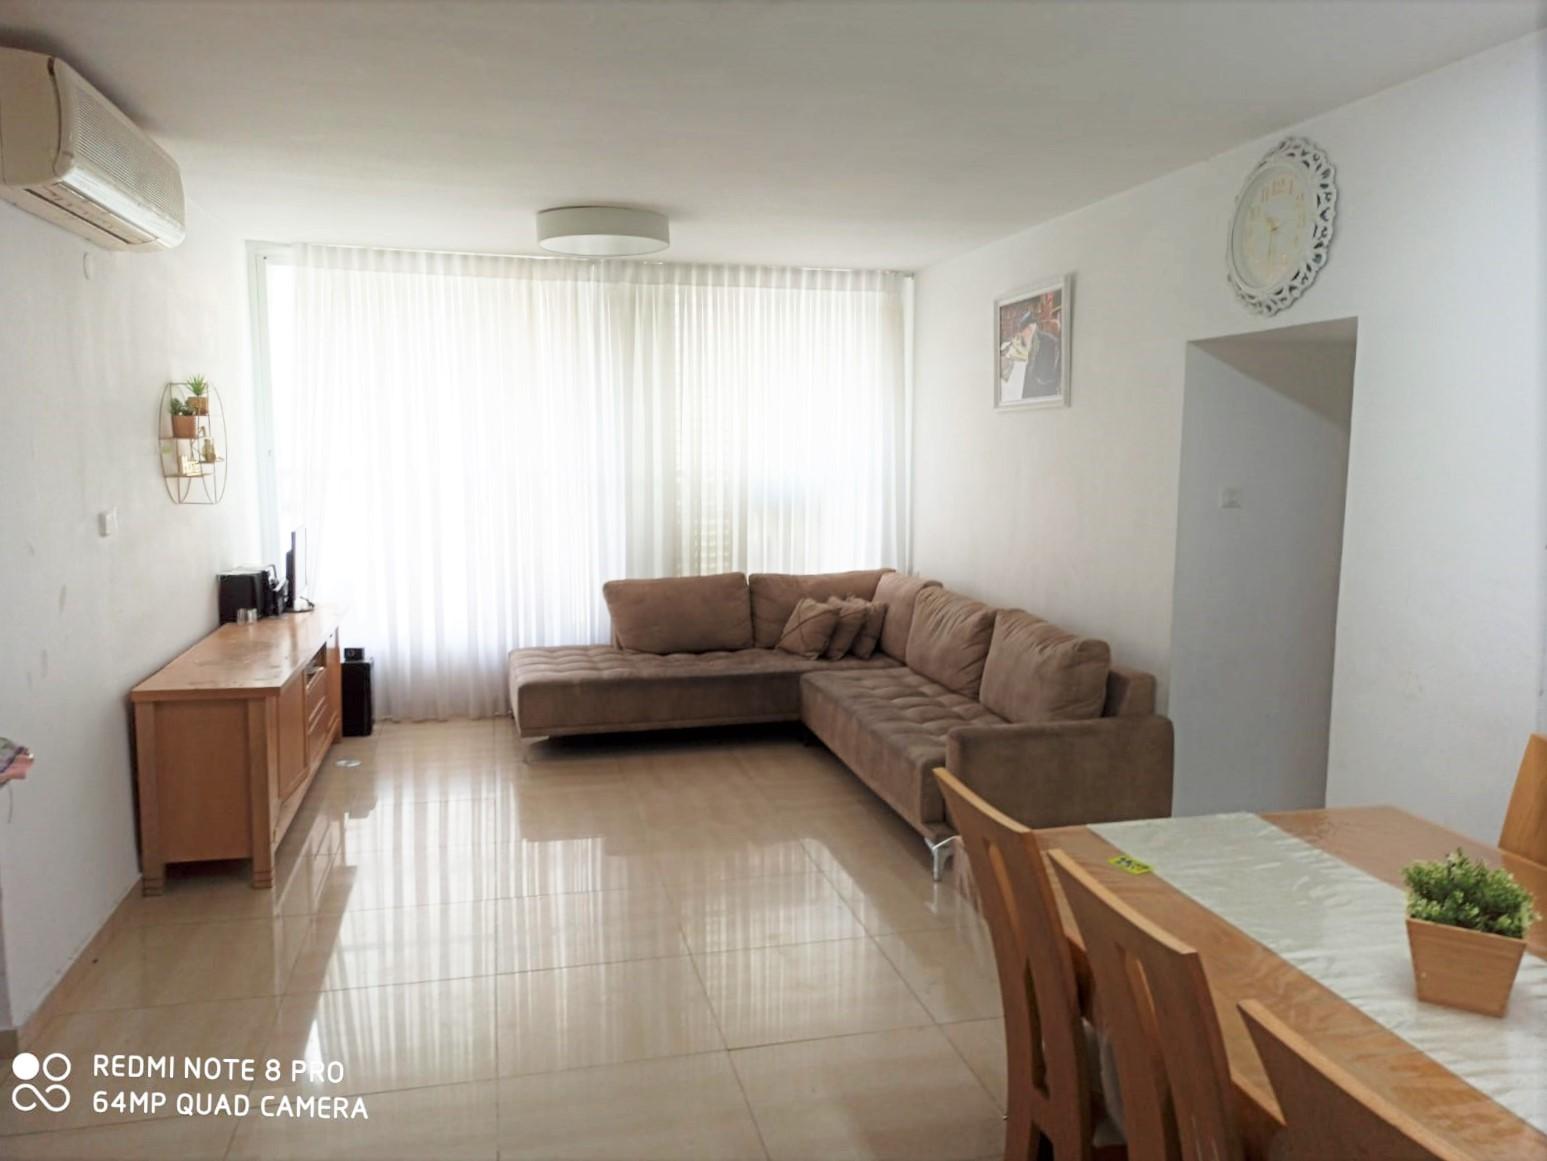 דירה למכירה 4 חדרים 1,700,000₪, ראשל